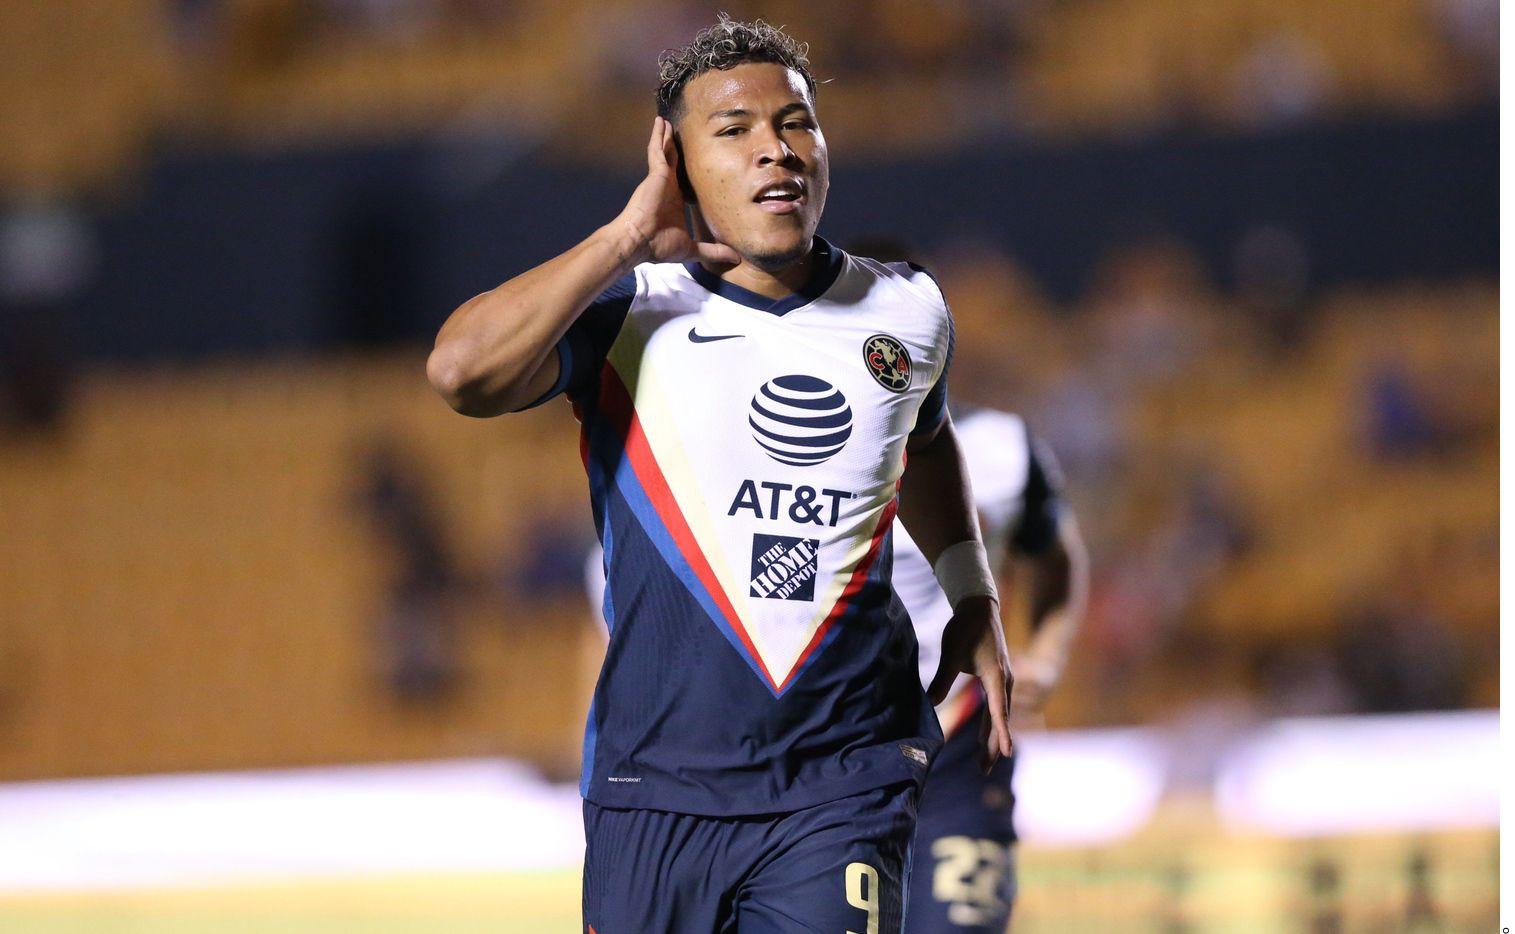 La Comisión Disciplinaria multó con 100 mil pesos mexicanos a Roger Martínez y a otros tres futbolistas del América involucrados en una fiesta.